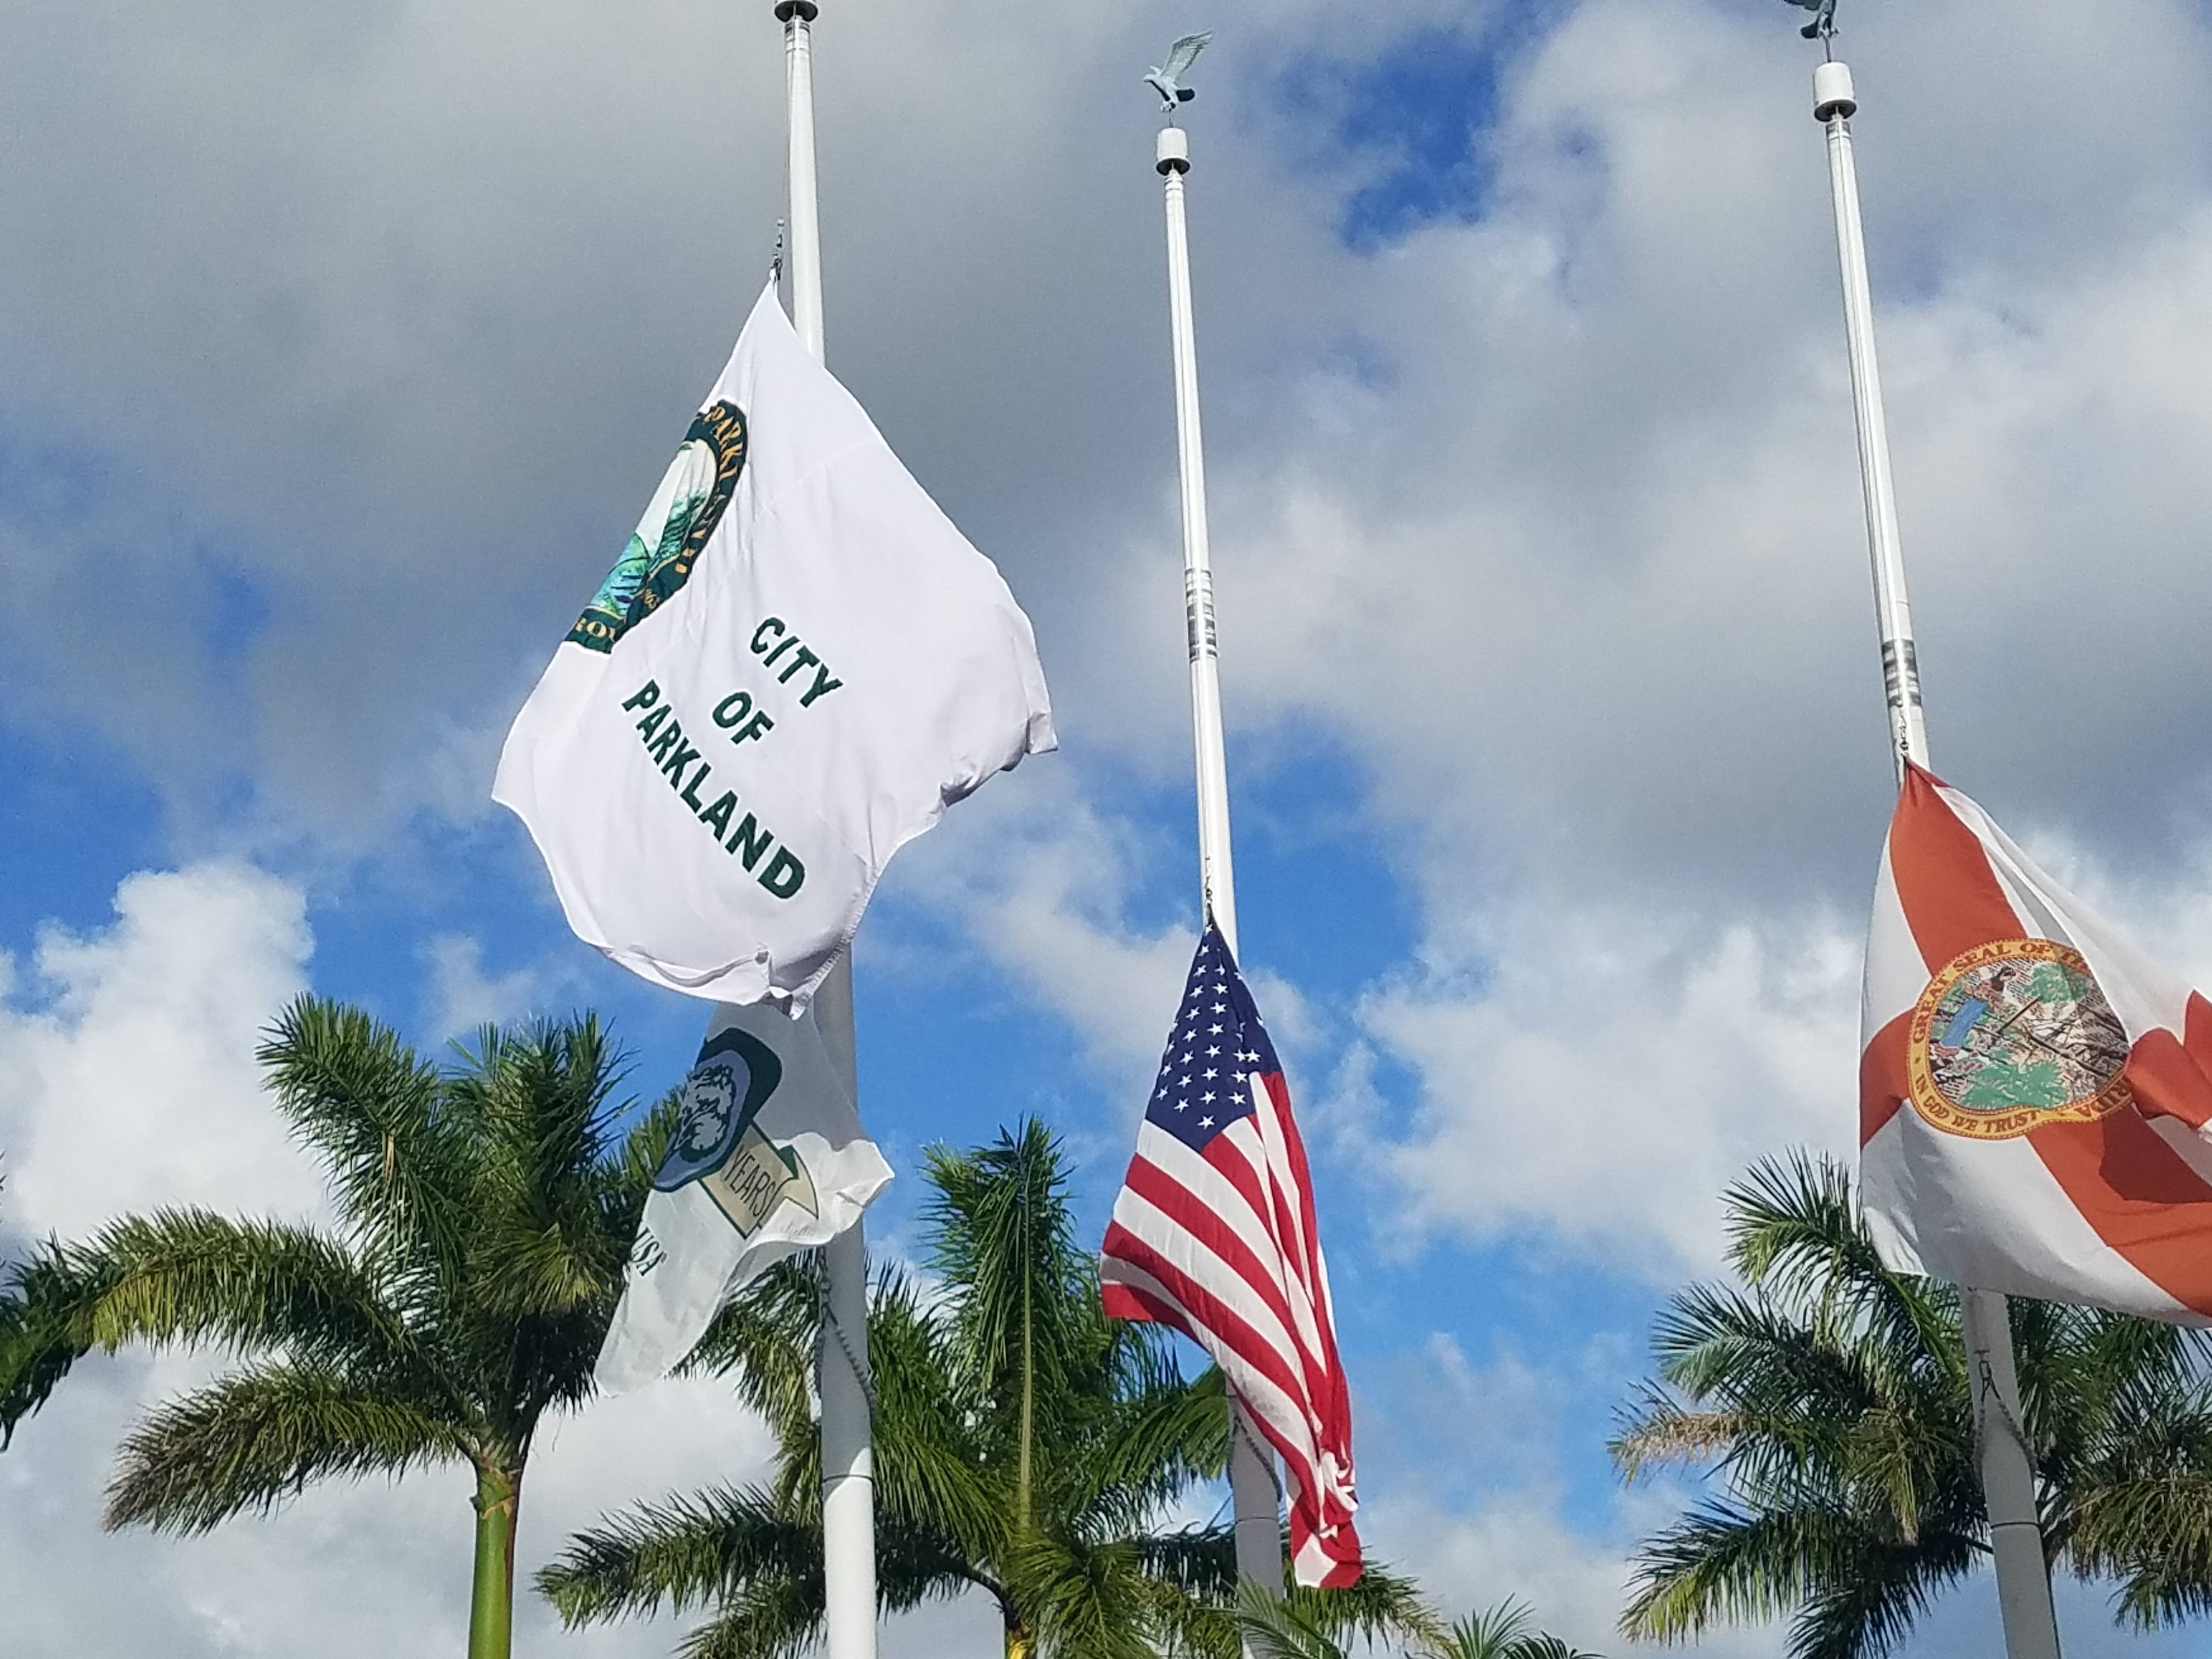 b626ded6f3aafc70651d_flags.jpg